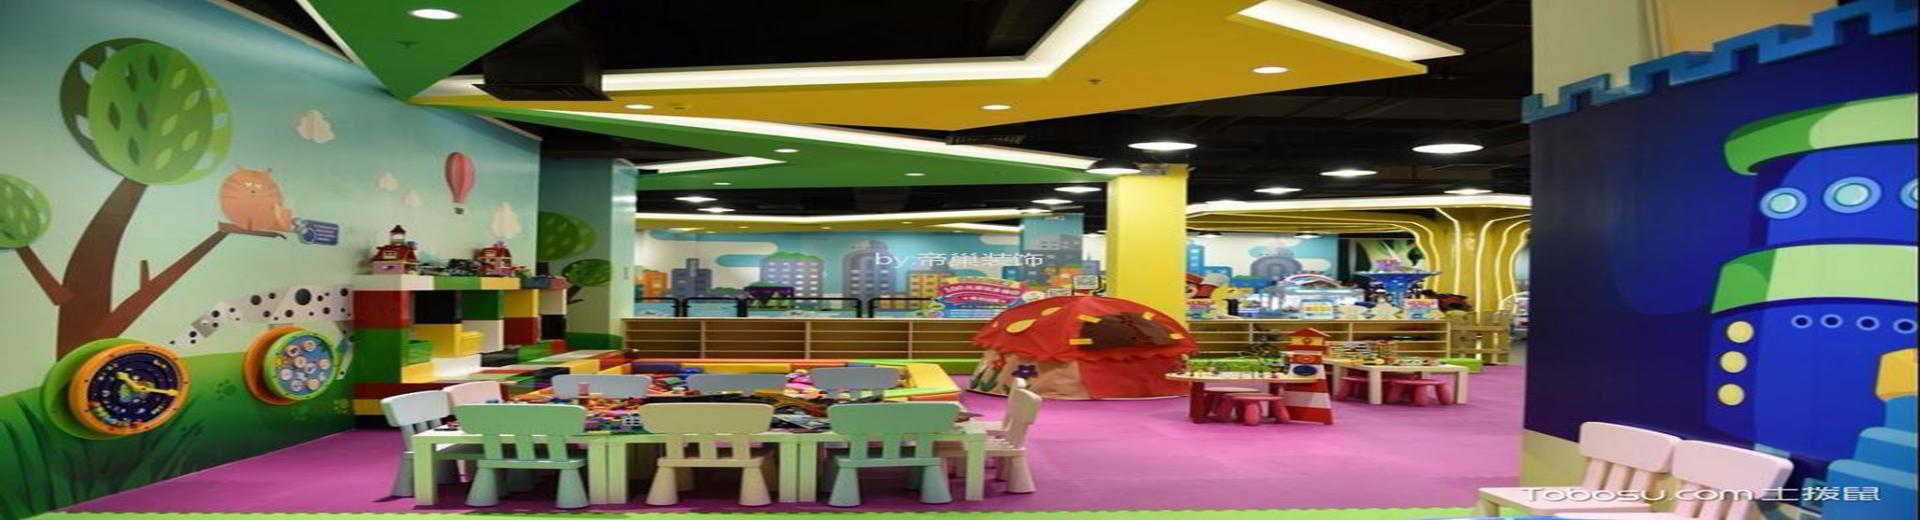 幼兒園室內設計圖片欣賞,每個空間都精彩